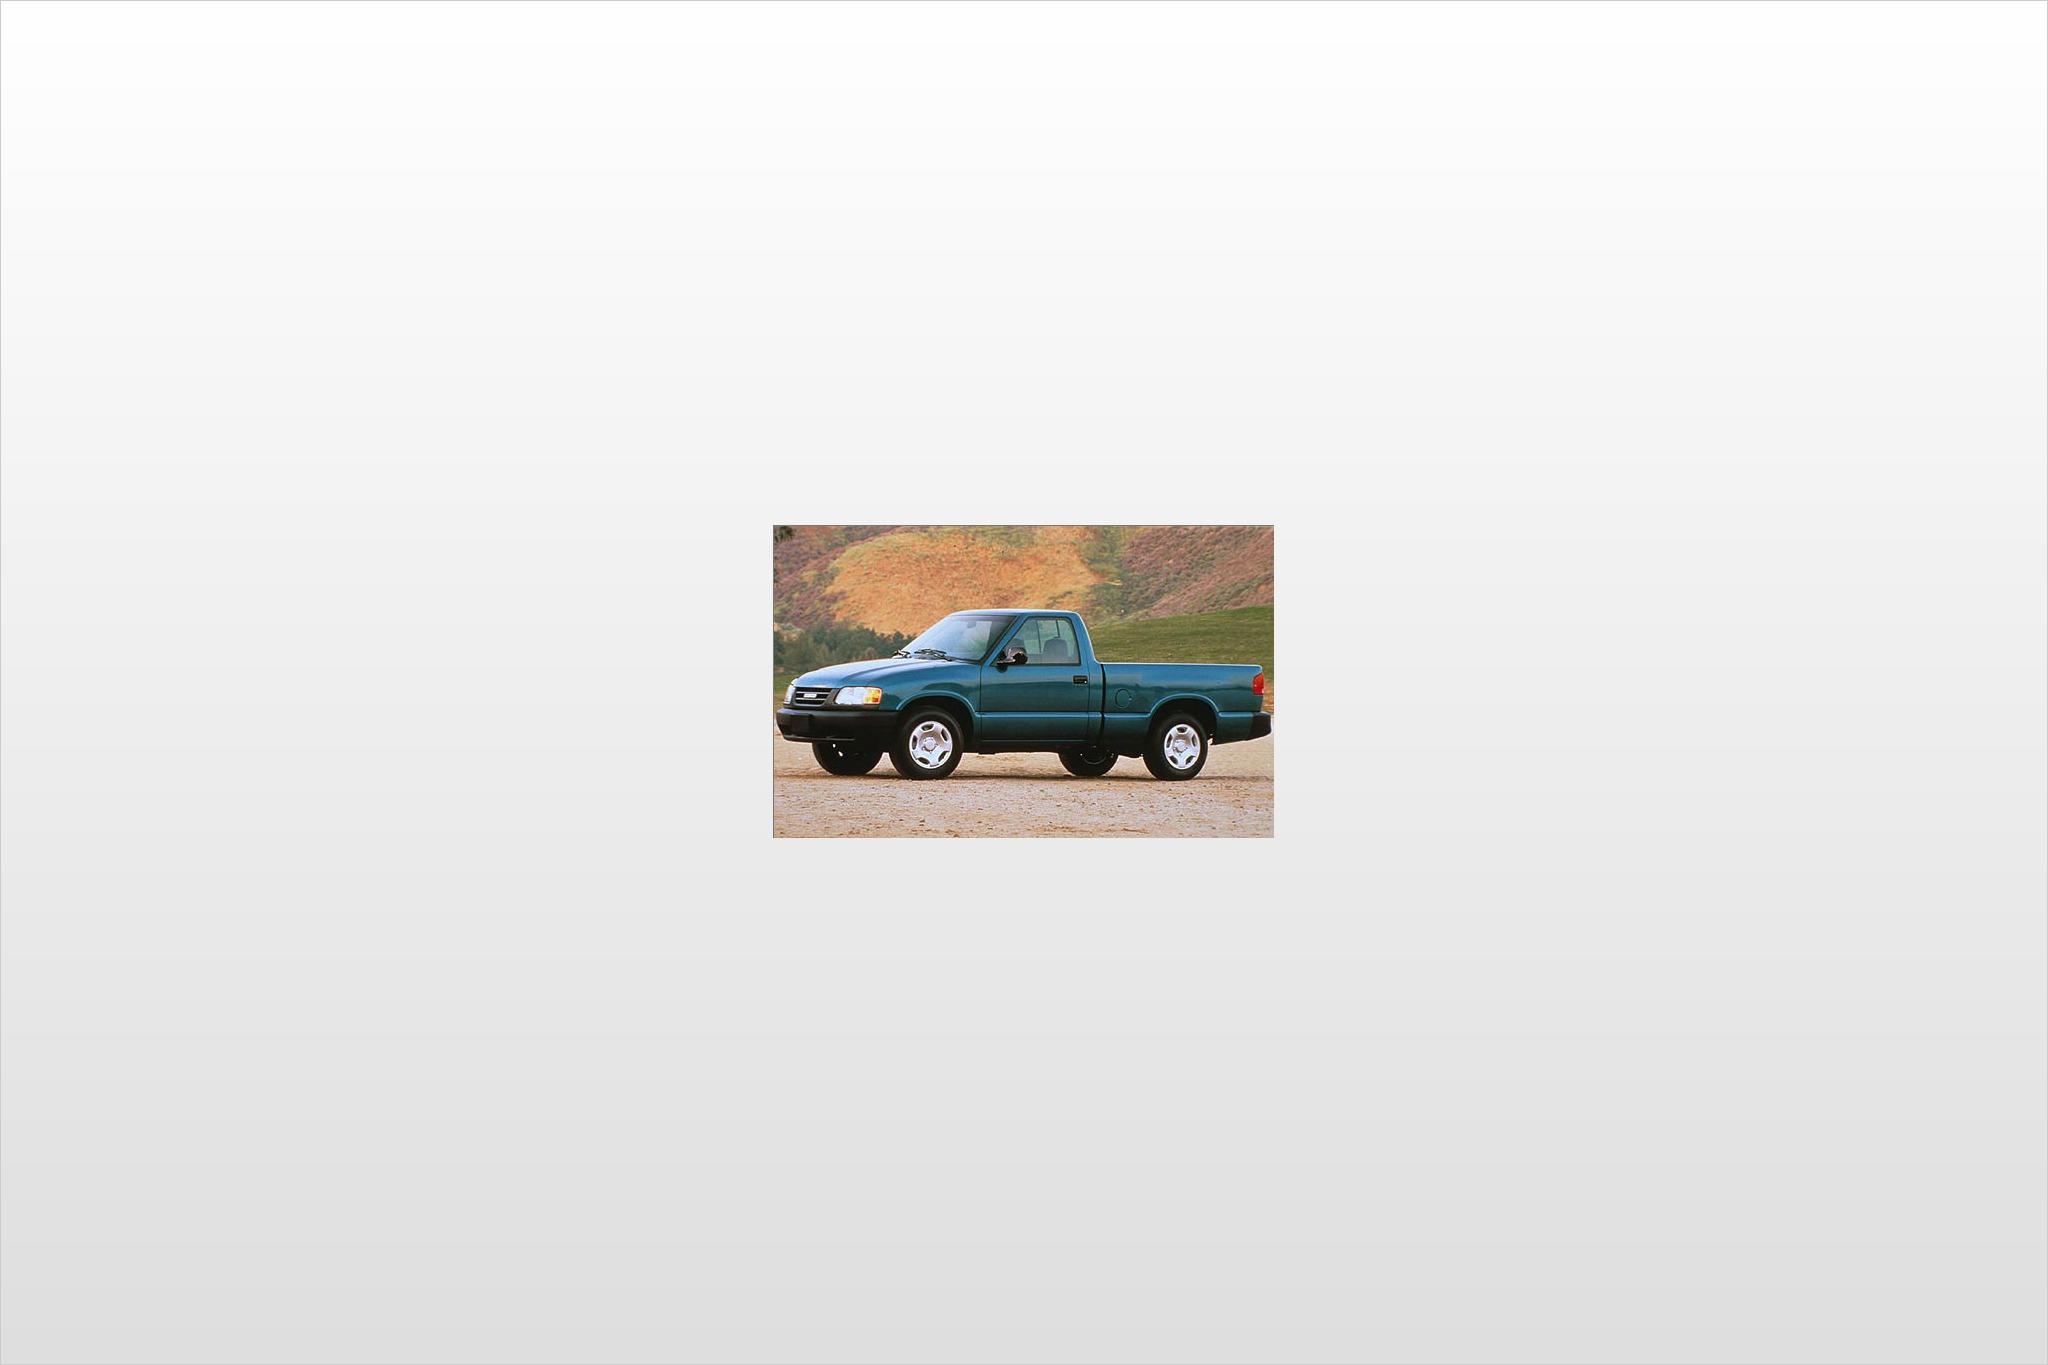 1996 isuzu hombre regular cab pickup xs fq oem 1 2048